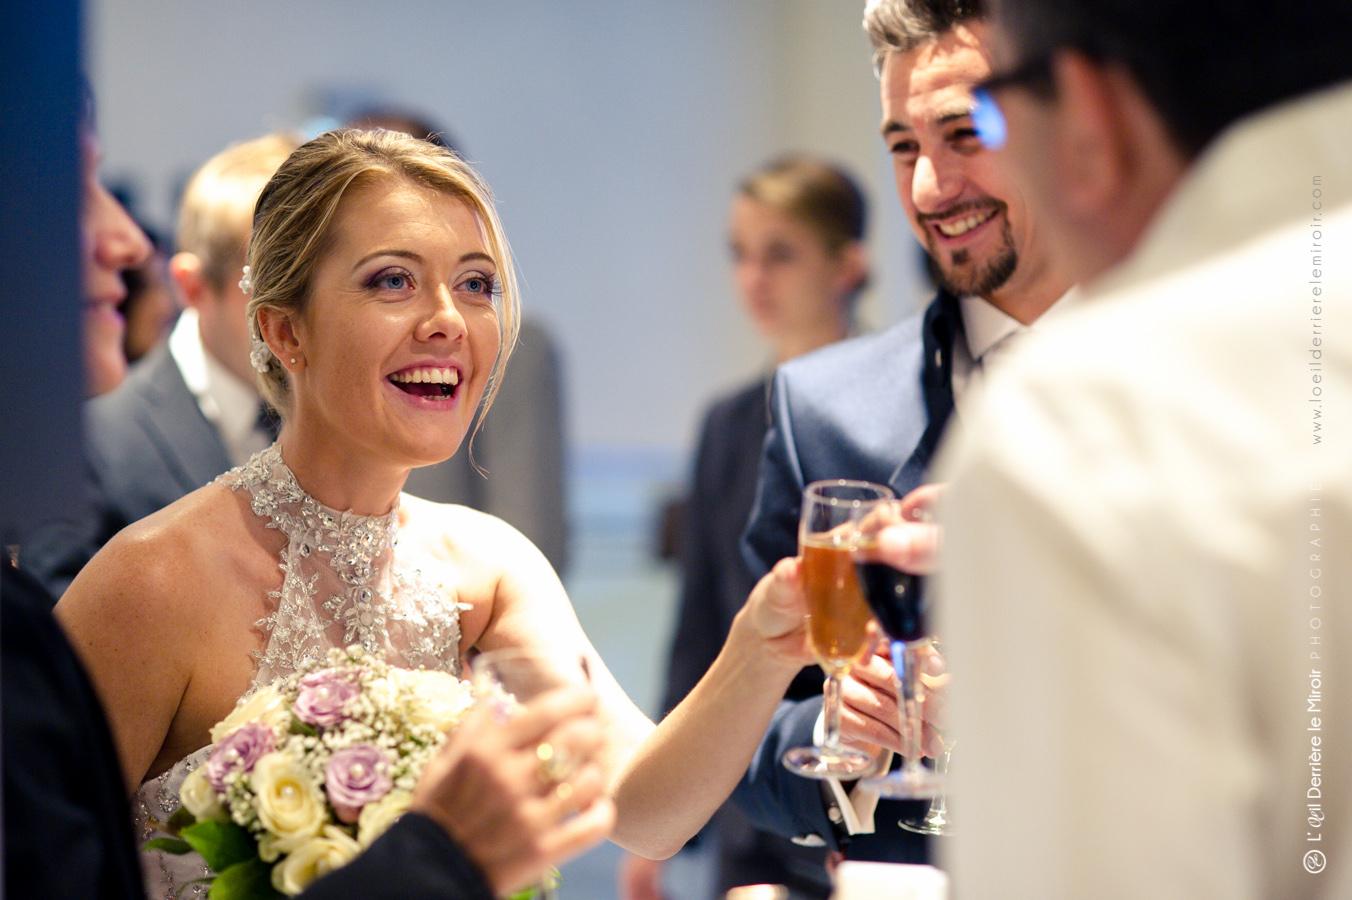 Photographe-mariage-monaco-loeilderrierelemiroir-067